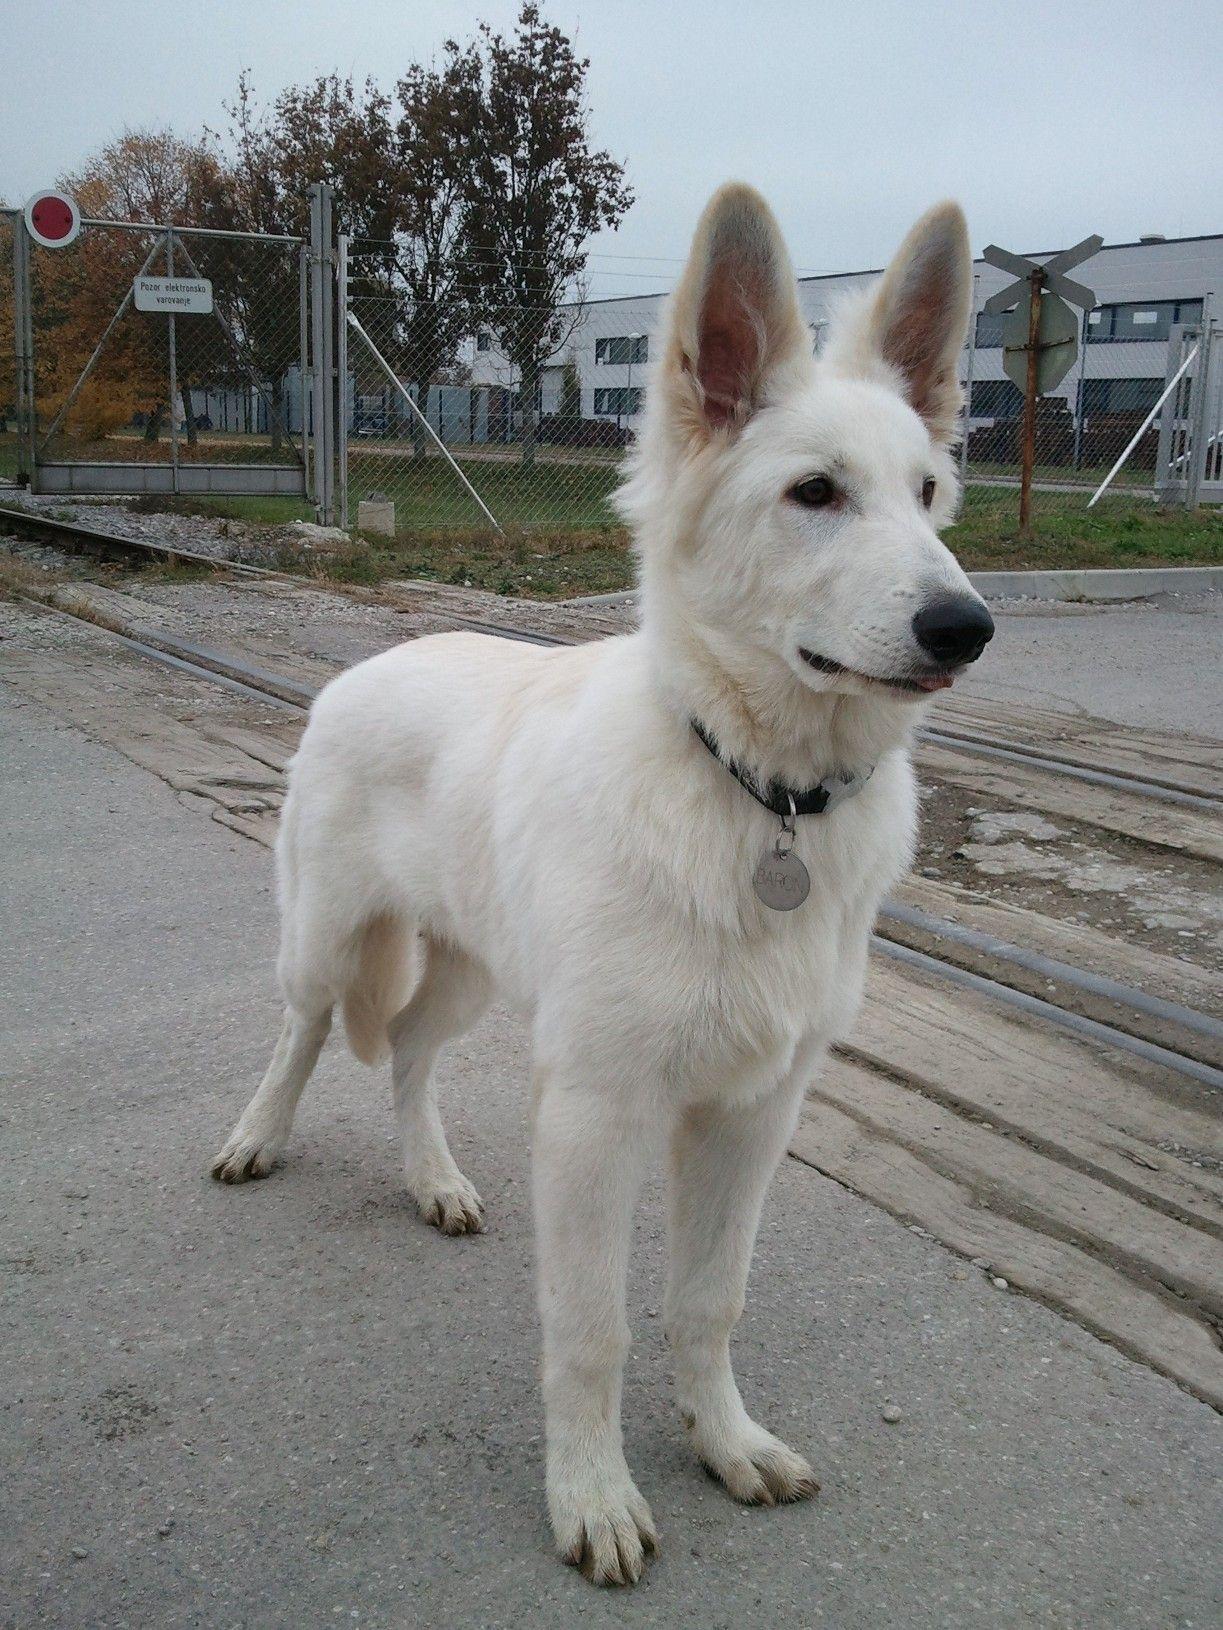 Berger Blanc Suisse Dog Photo Ovcar Berger Blanc Suisse White Swiss Shepherd Dog Pesjanar Si Weisser Schaferhund Schweizer Schaferhund Hunde